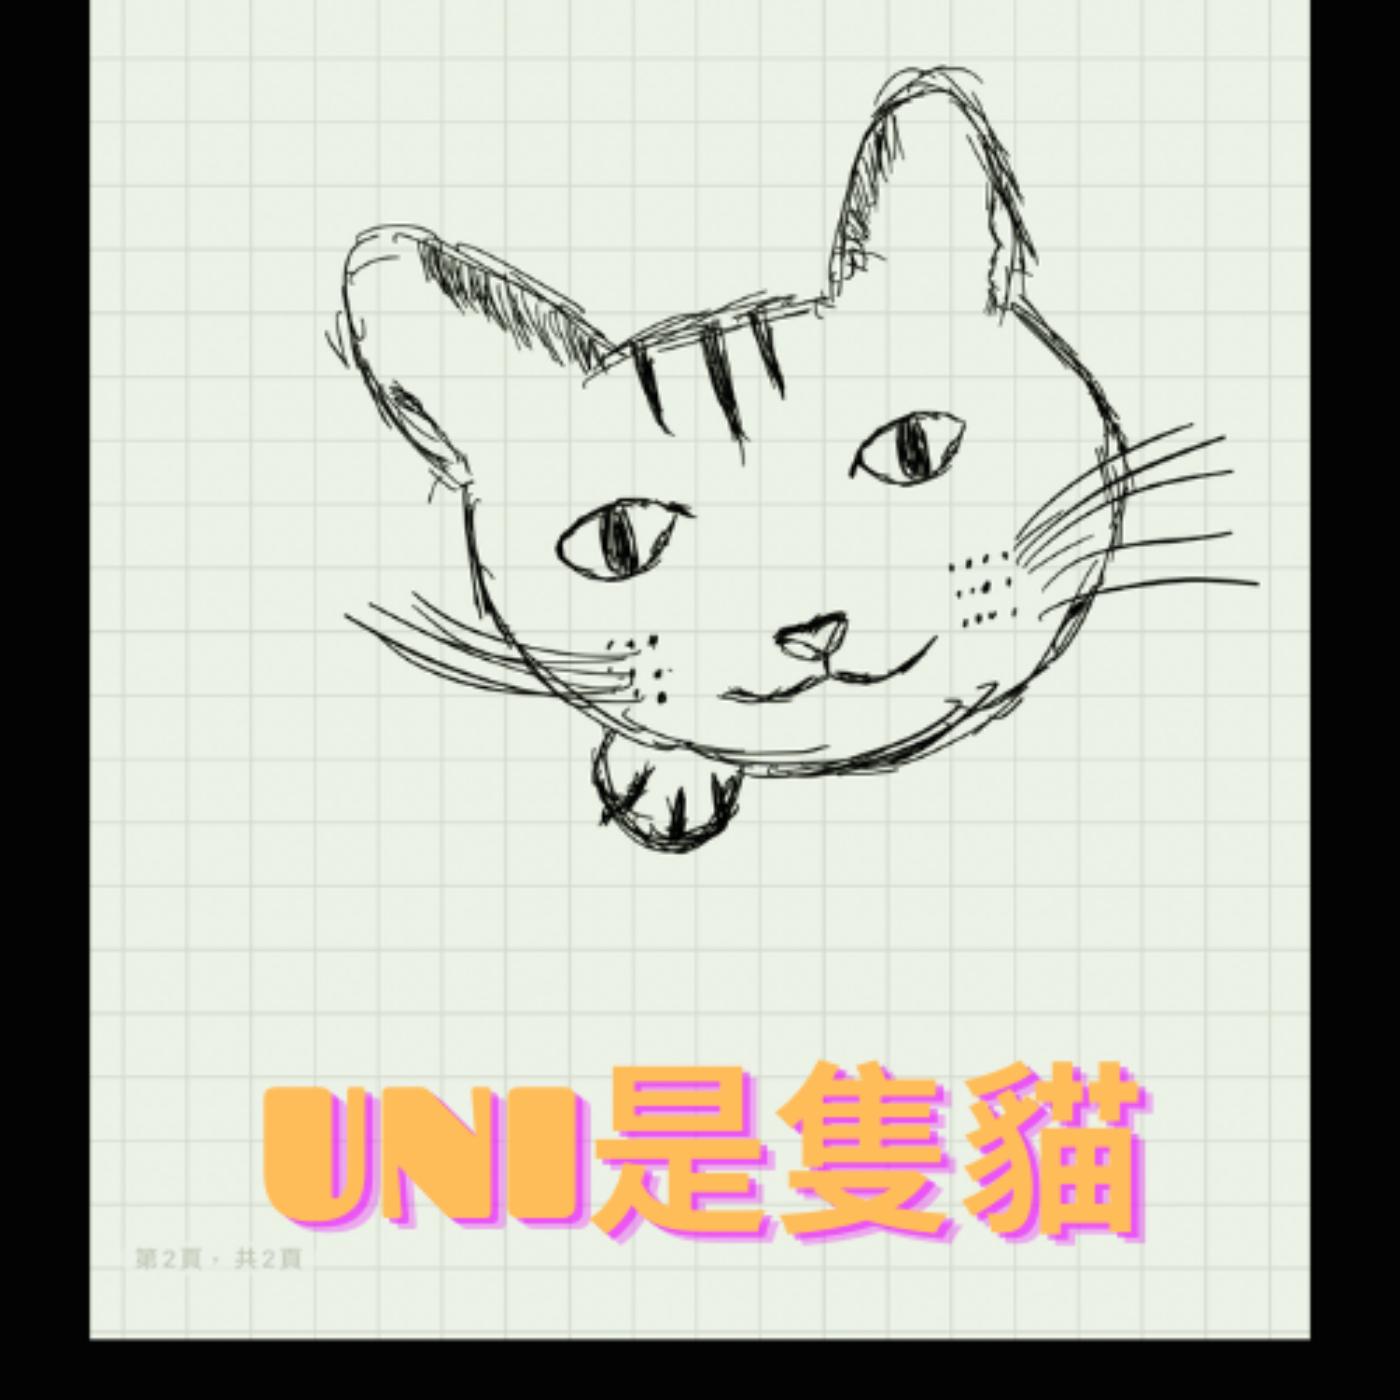 ウニ(Uni)是隻貓